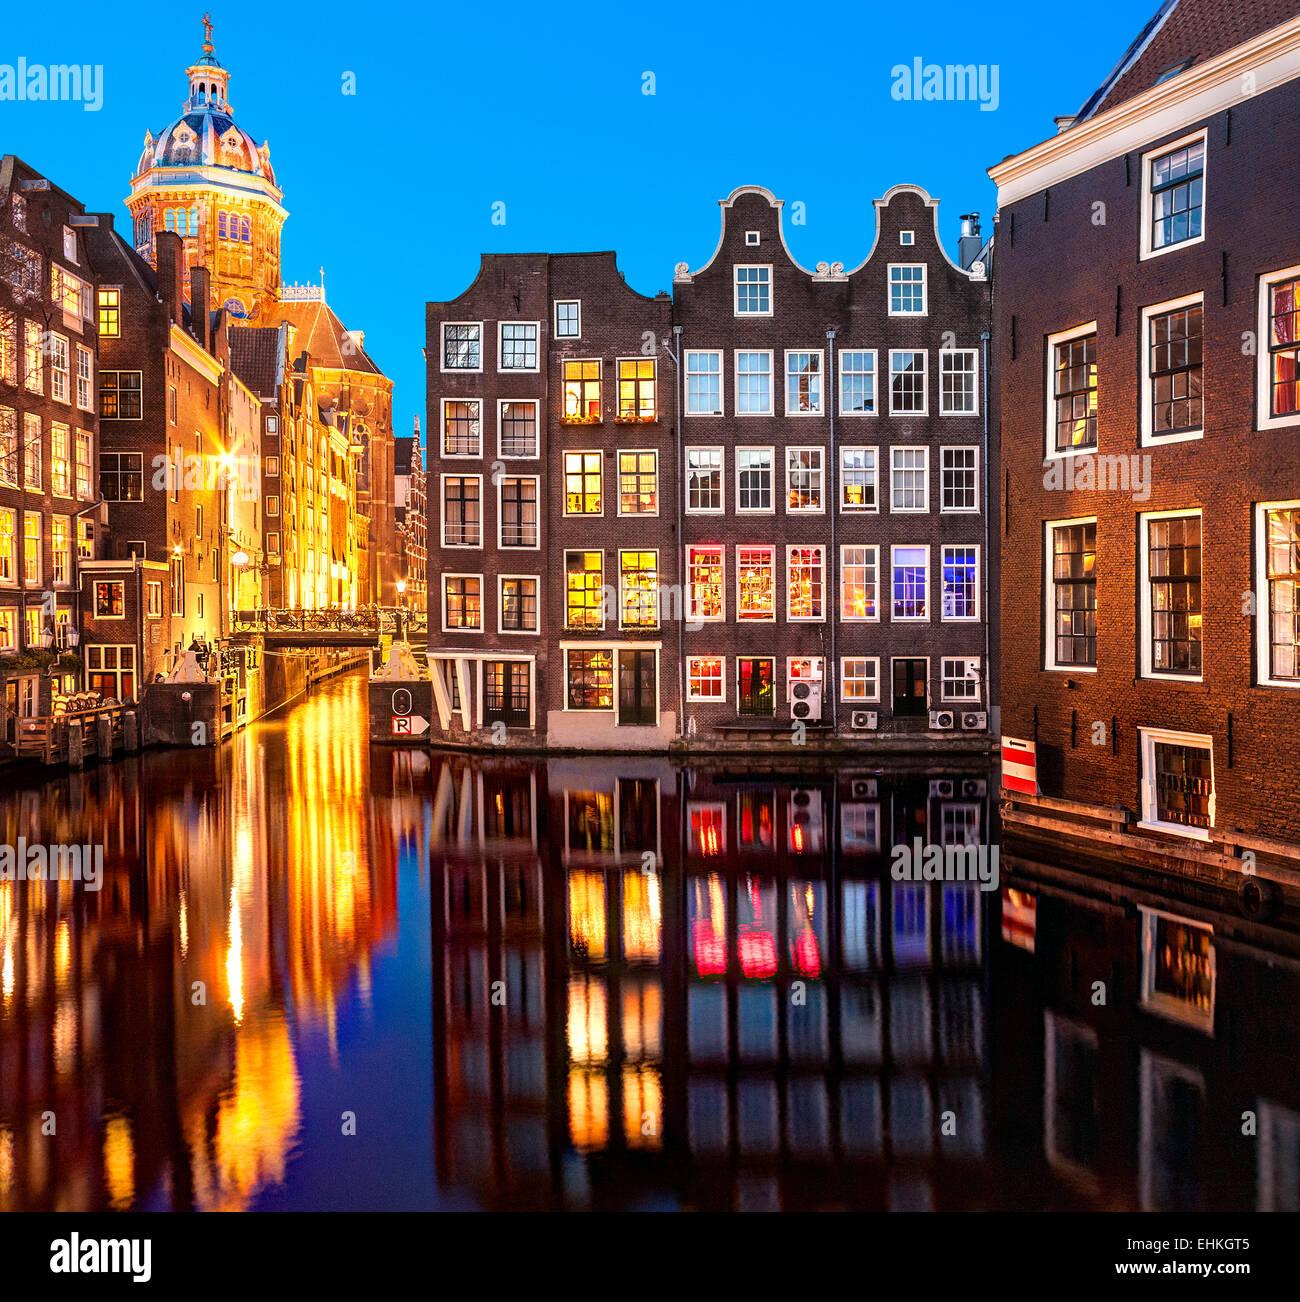 Canales de Amsterdam por la noche cerca del barrio rojo. St Nicolaaskerk Basílica de San Nicolás; Zeedijk Imagen De Stock